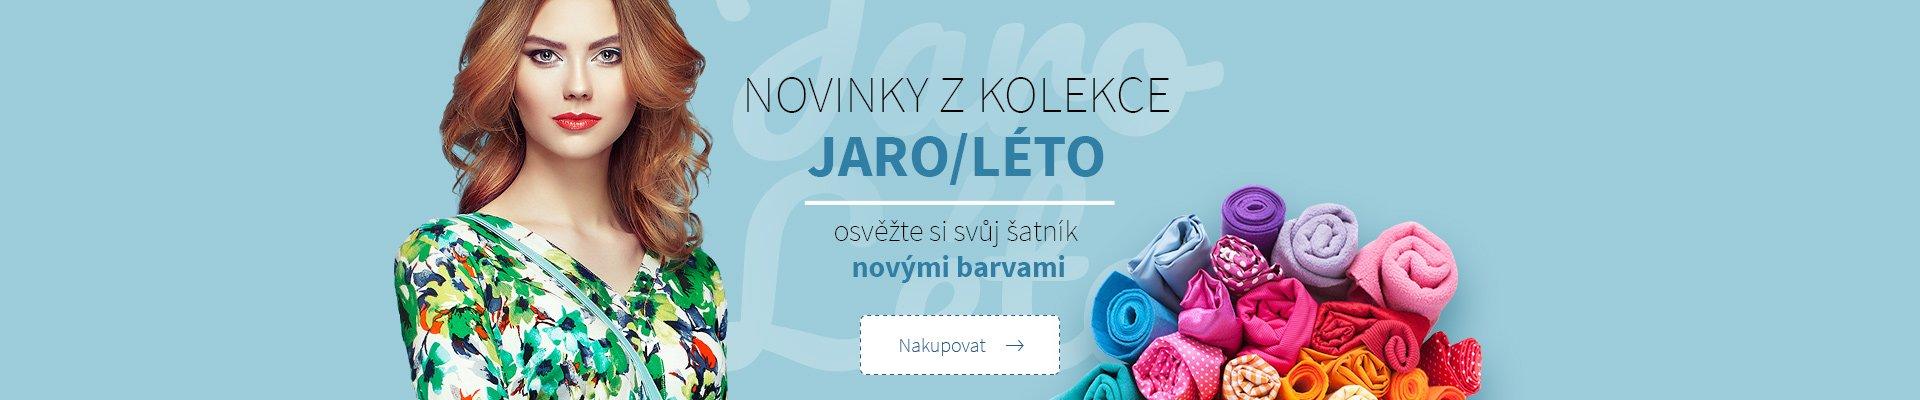 NOVINKY Z KOLEKCE JARO / LÉTO